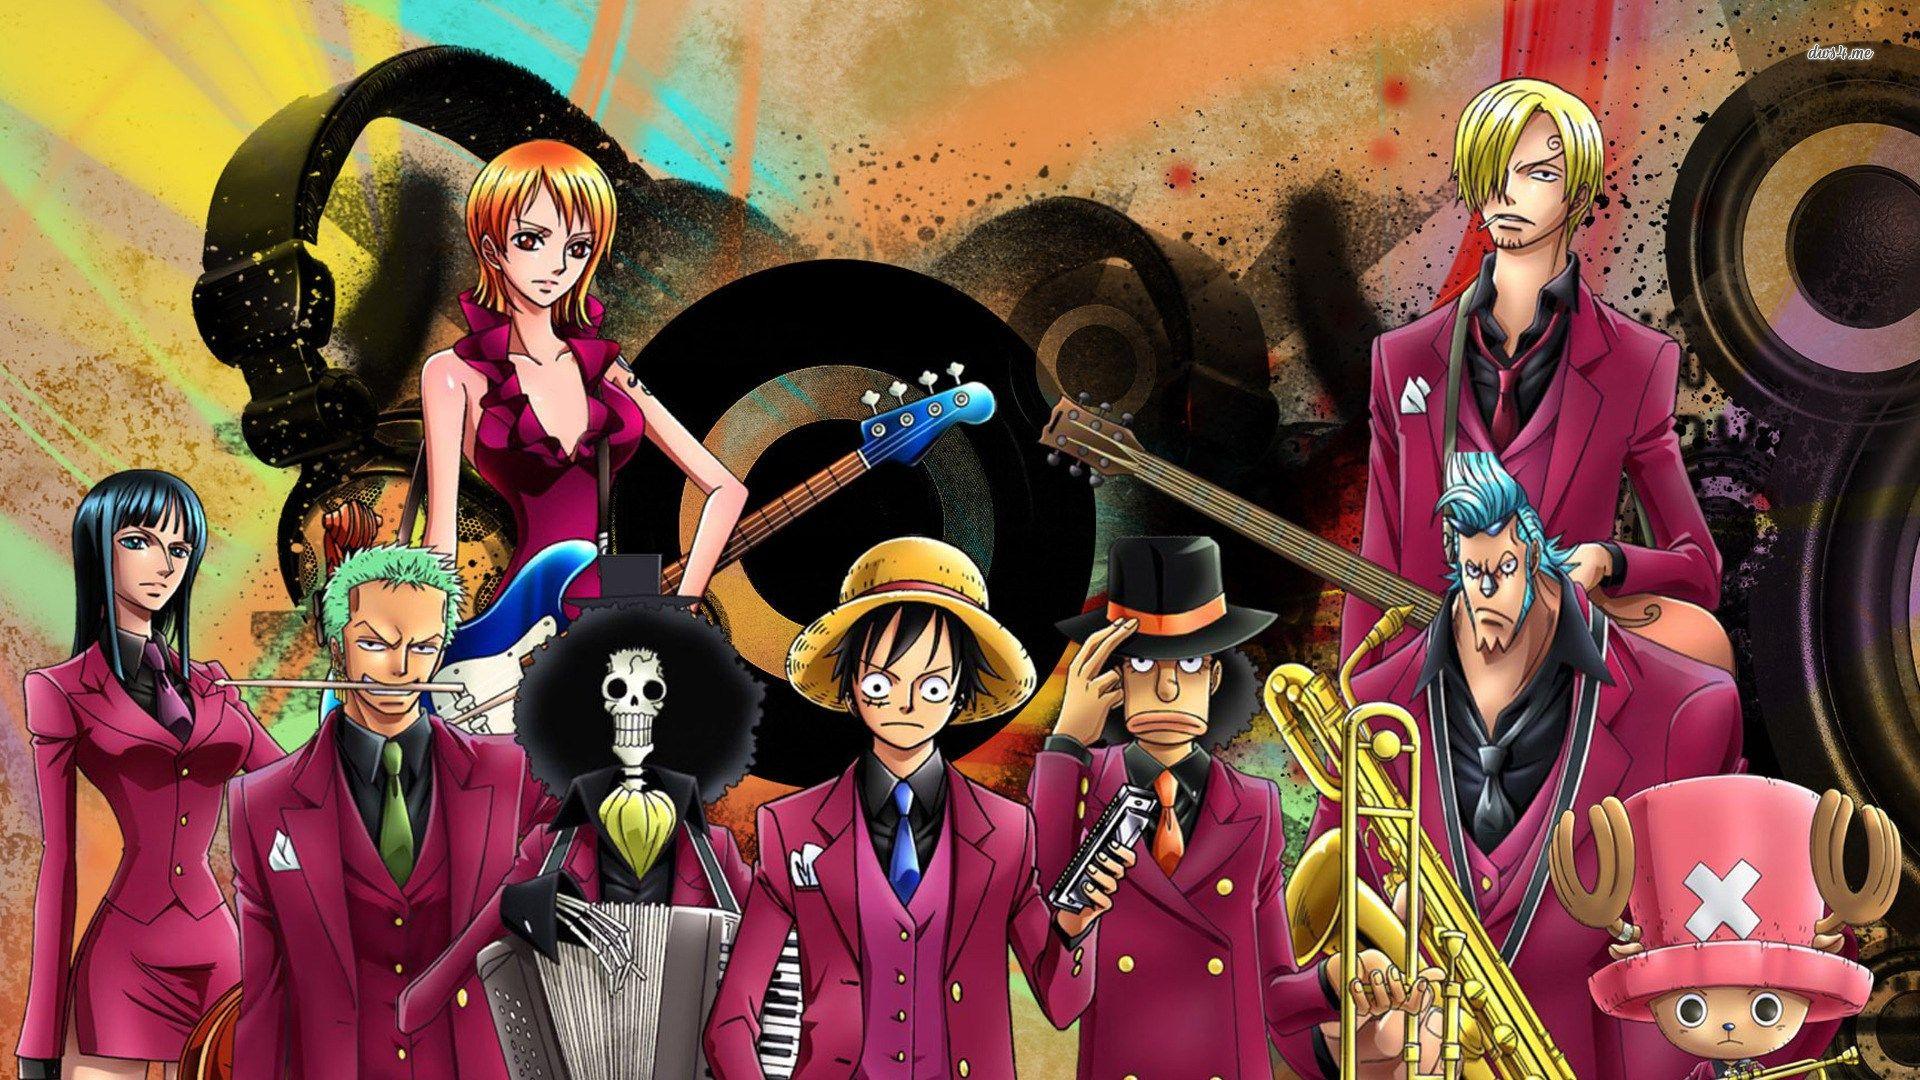 One Piece Wallpaper Hd Background Kartun Animasi Ilustrasi Lucu